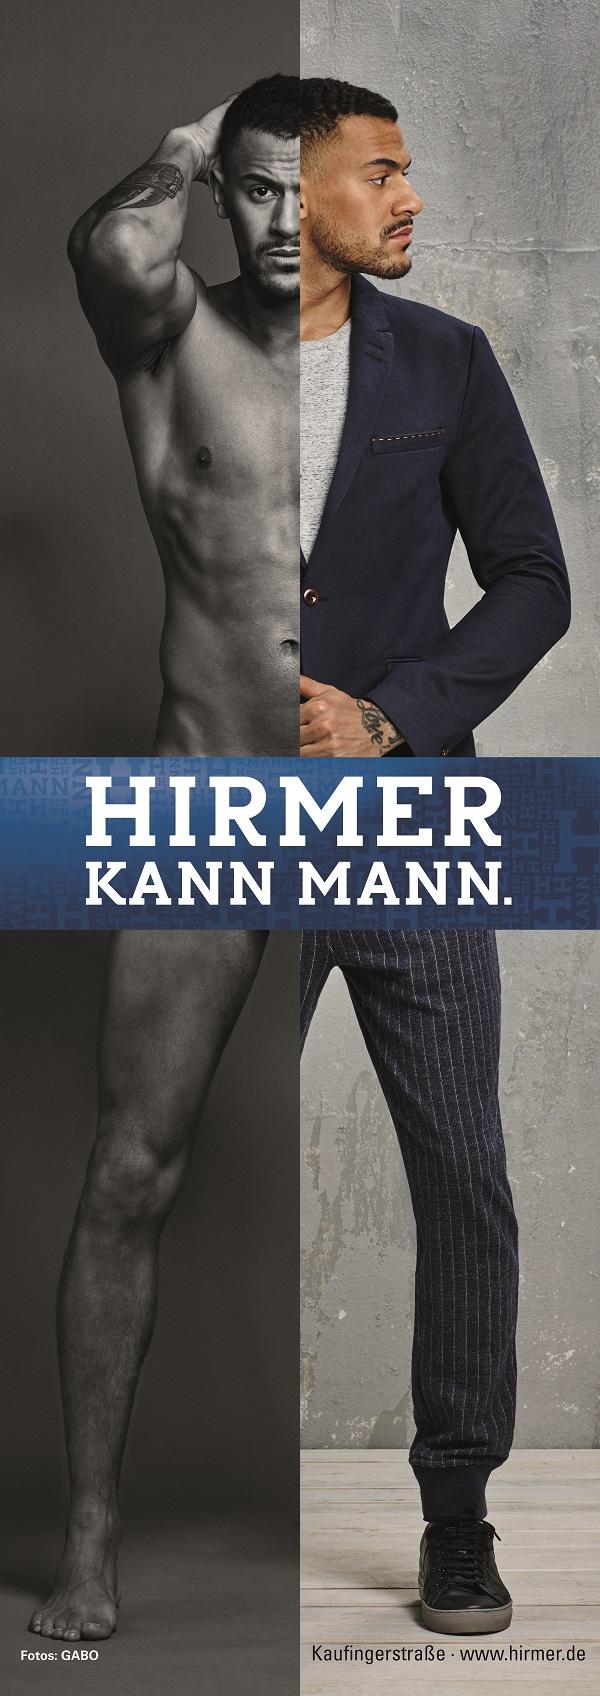 hirmer-herrenmode-3